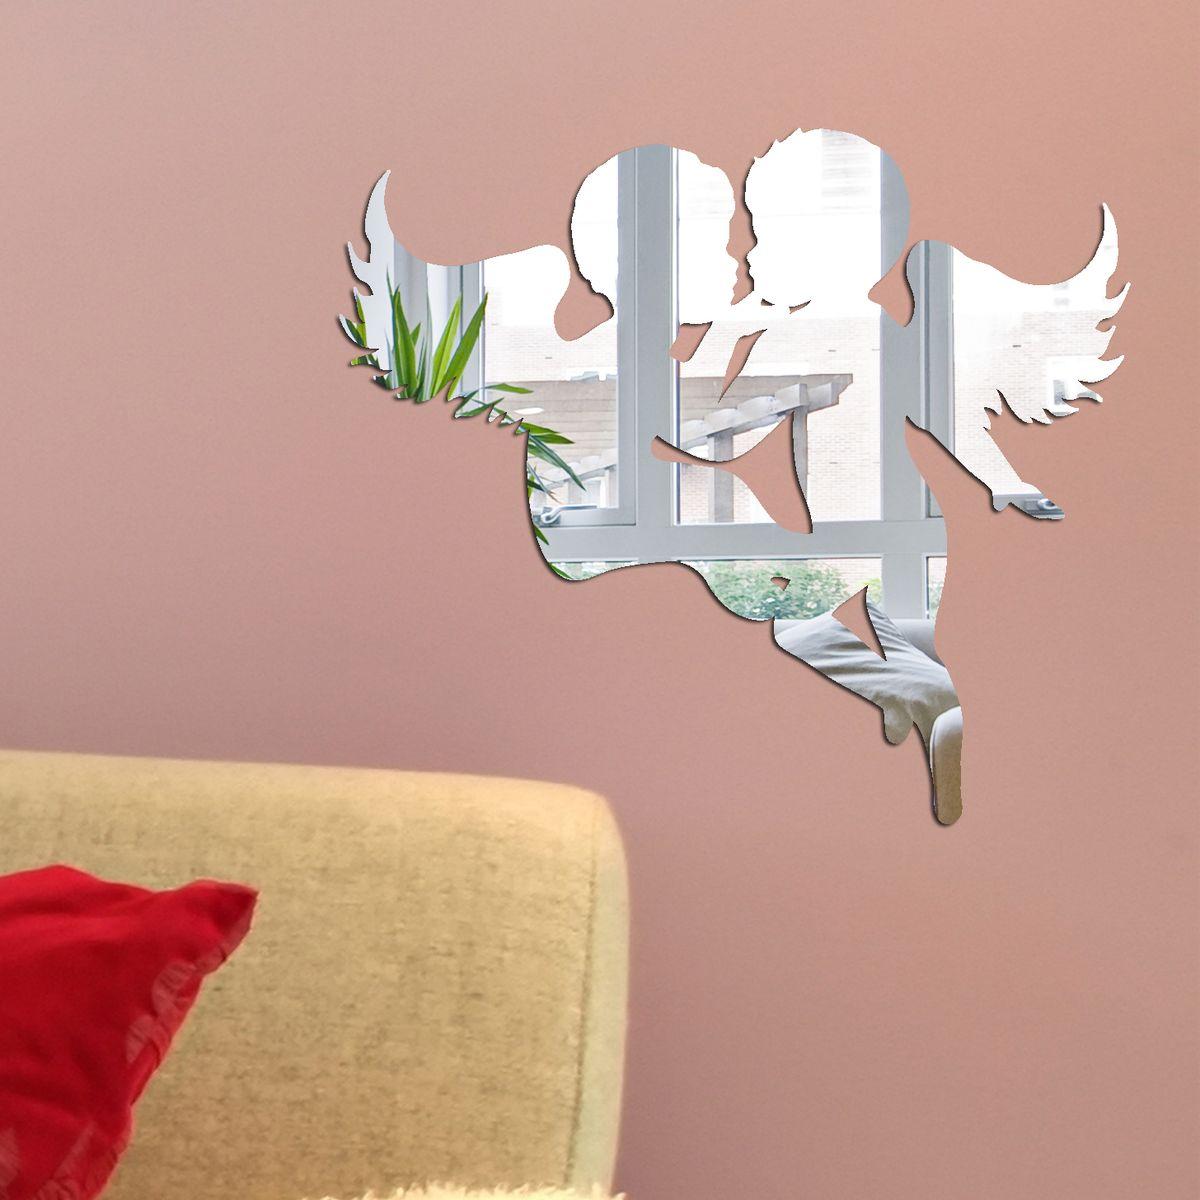 Декоративное зеркало Paris-Paris Амурчики, 32 х 29 смПР01351Фигурное зеркало Paris-Paris - это яркий декоративный объект, по отражающим свойствам не уступающий классическому стеклянному зеркалу. Всегда разные в зависимости от того, где они располагаются, зеркала Paris-Paris каждый раз вступают в новый диалог с интерьером! Зеркало из гибкого органического стекла. Этот легкий и прочный материал по сравнению с обычным стеклом более устойчив к повреждениям и обеспечивает максимальный визуальный эффект. Крепится к стене при помощи специального двустороннего скотча входящего в комплект. Инструкция: Если вы уже выбрали место для вашего зеркала, весь процесс займет 3 минуты. Стена должна быть чистой и сухой. Снимите защитную пленку с клейкой ленты на обратной стороне зеркала; Разместите зеркало на стене; Аккуратно снимите с зеркала защитную пленку.